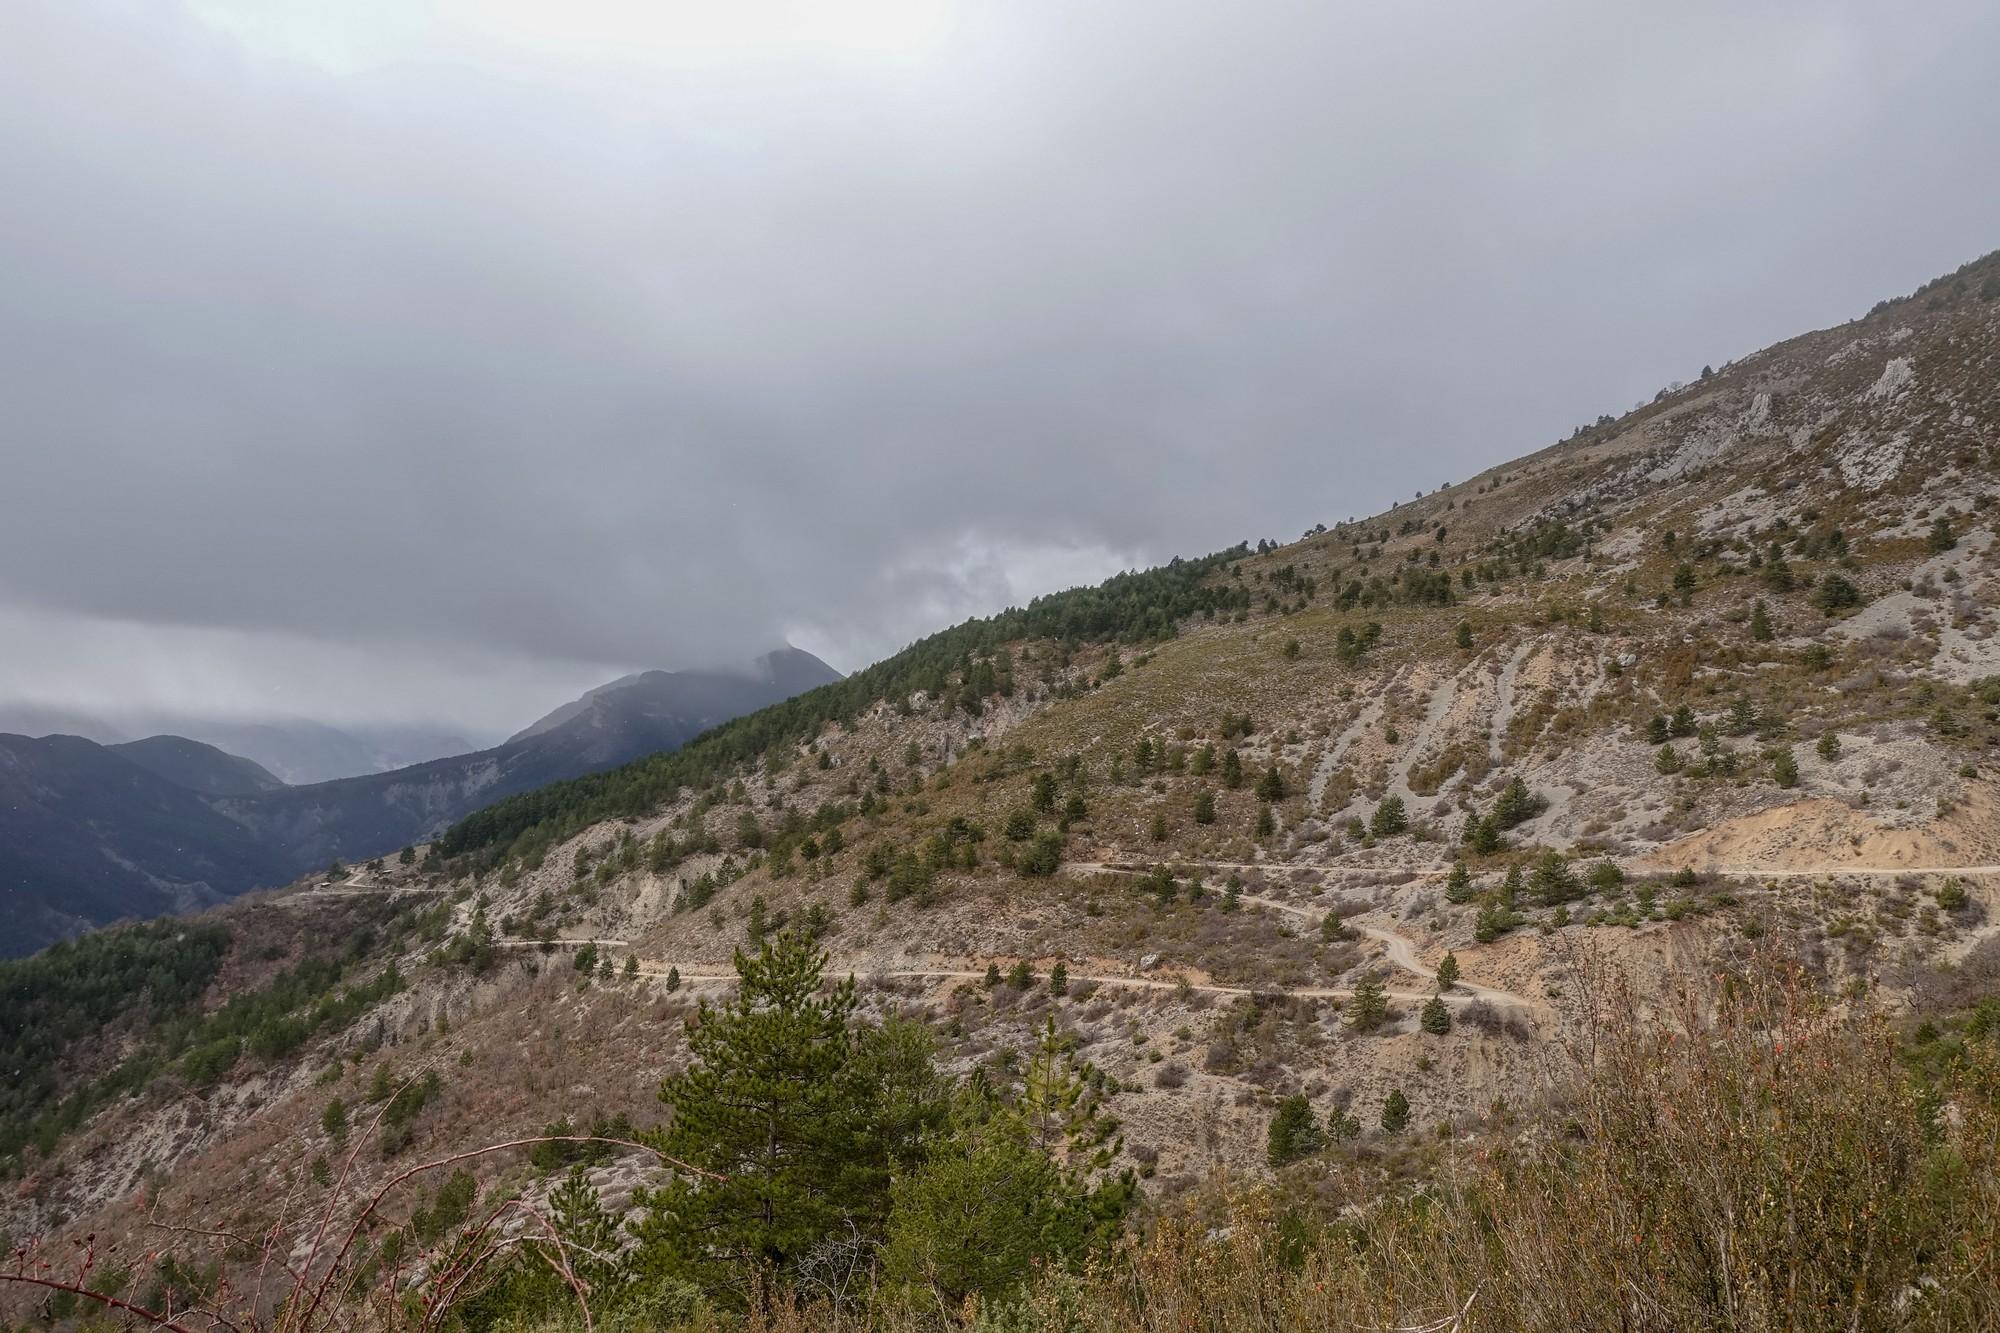 Gravel track to La Croix sur Roudoule